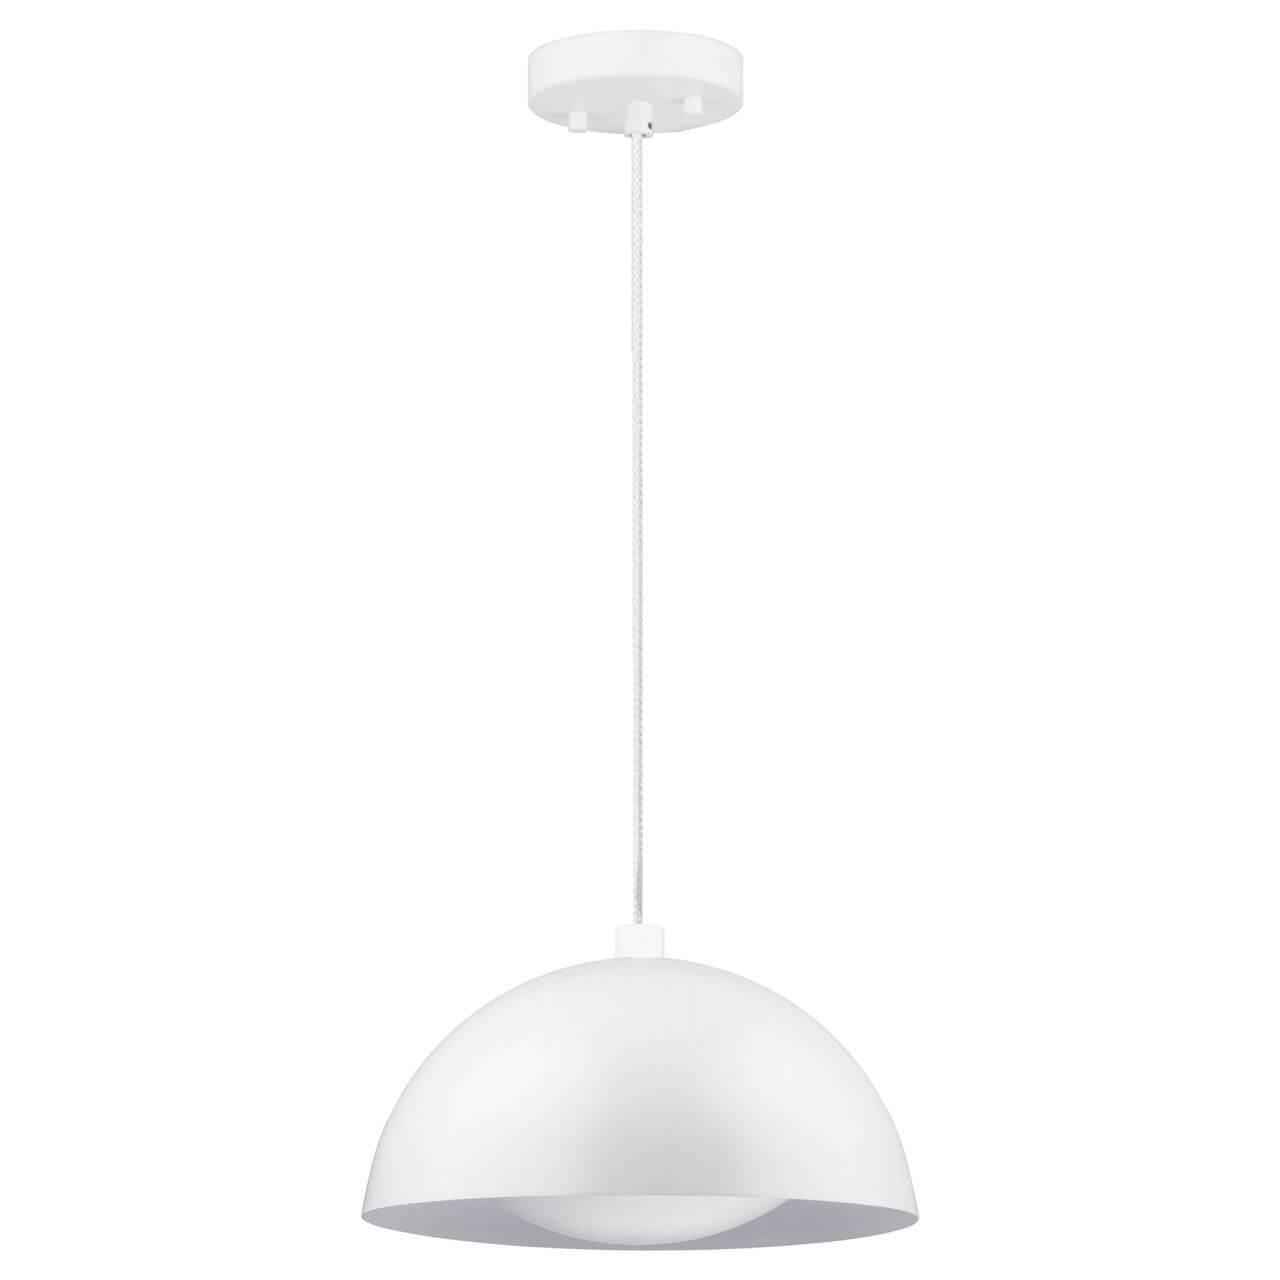 Подвесной светодиодный светильник Spot Light Ray 3050102 светильник подвесной spot light meg 1127102